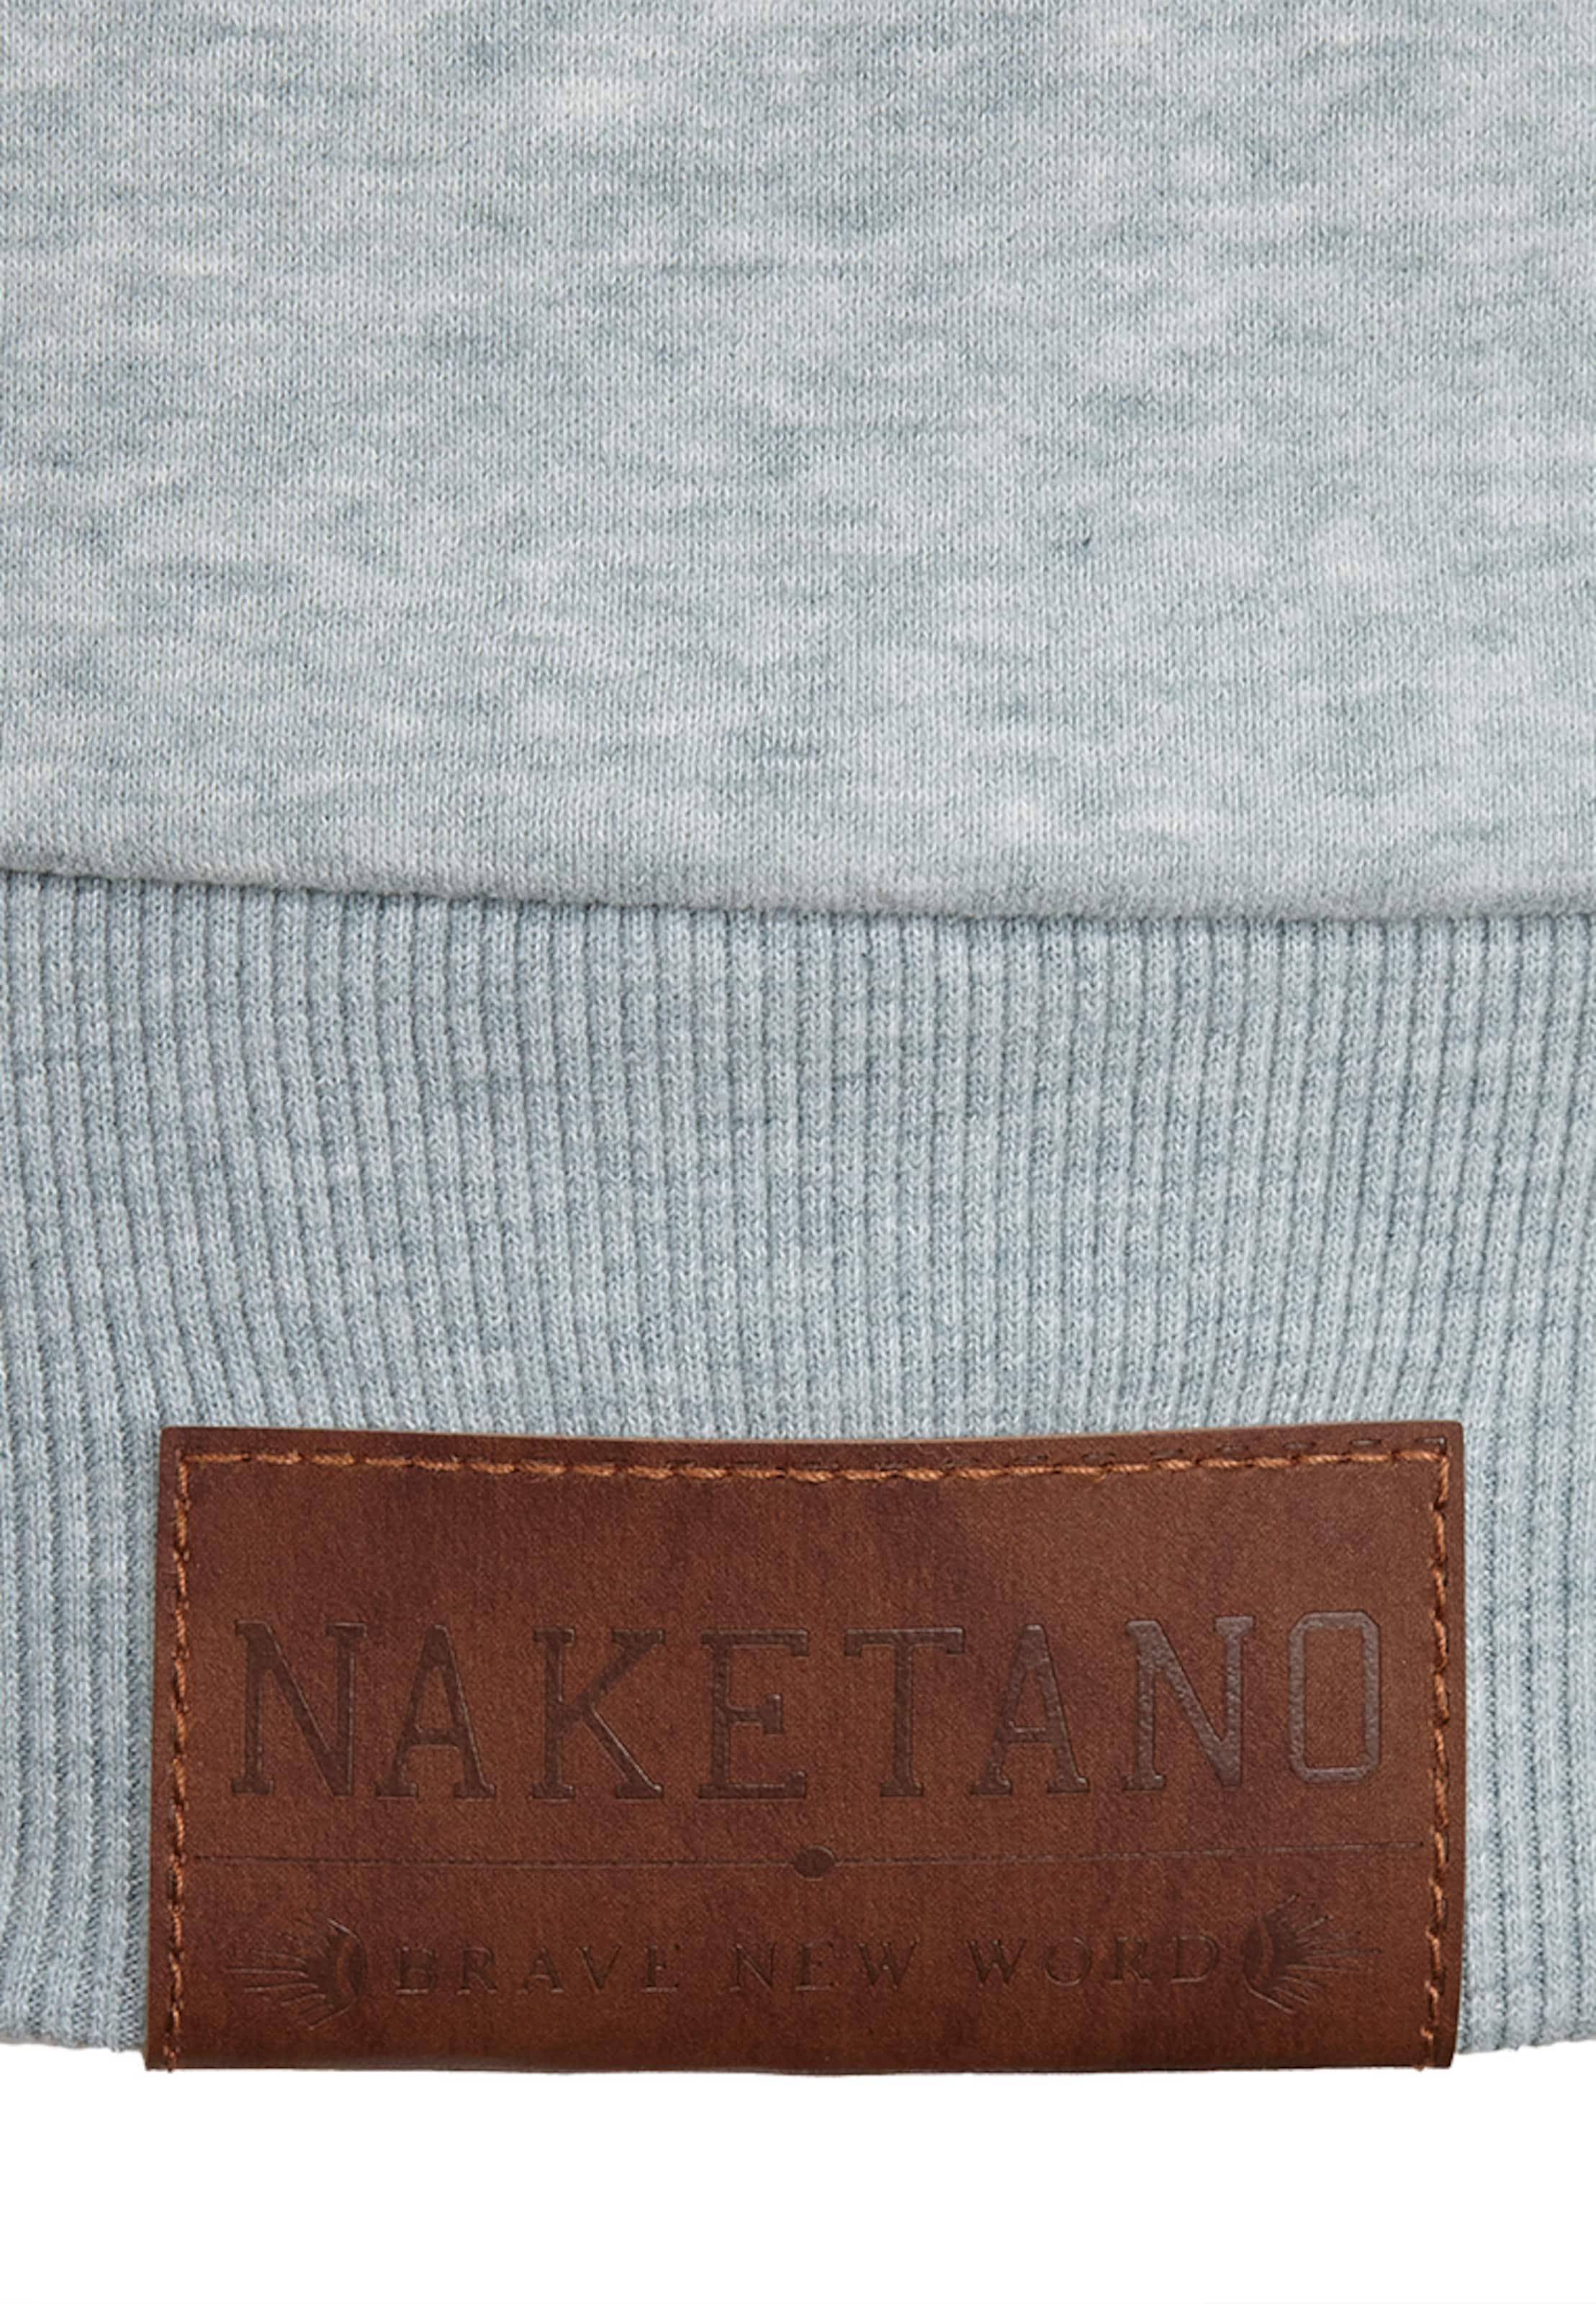 Freies Verschiffen Eastbay naketano Sweatjacke Verkauf In Mode Aaa Qualität Günstiger Preis Zu Verkaufen Rabatt Zuverlässig Yjlim4o2Ra